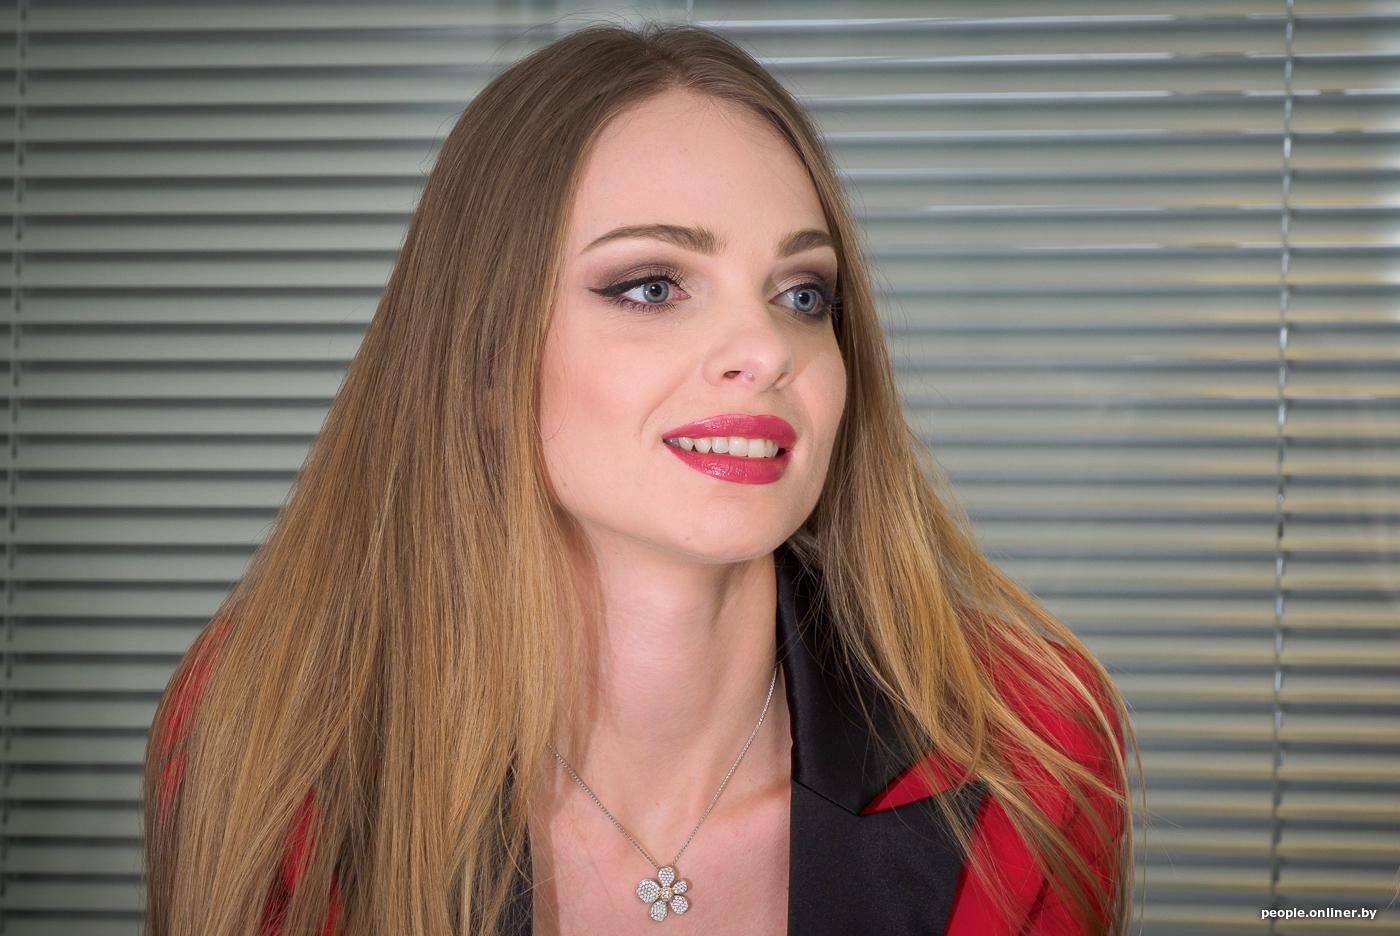 Бесплатное русское порно видео молодых девочек